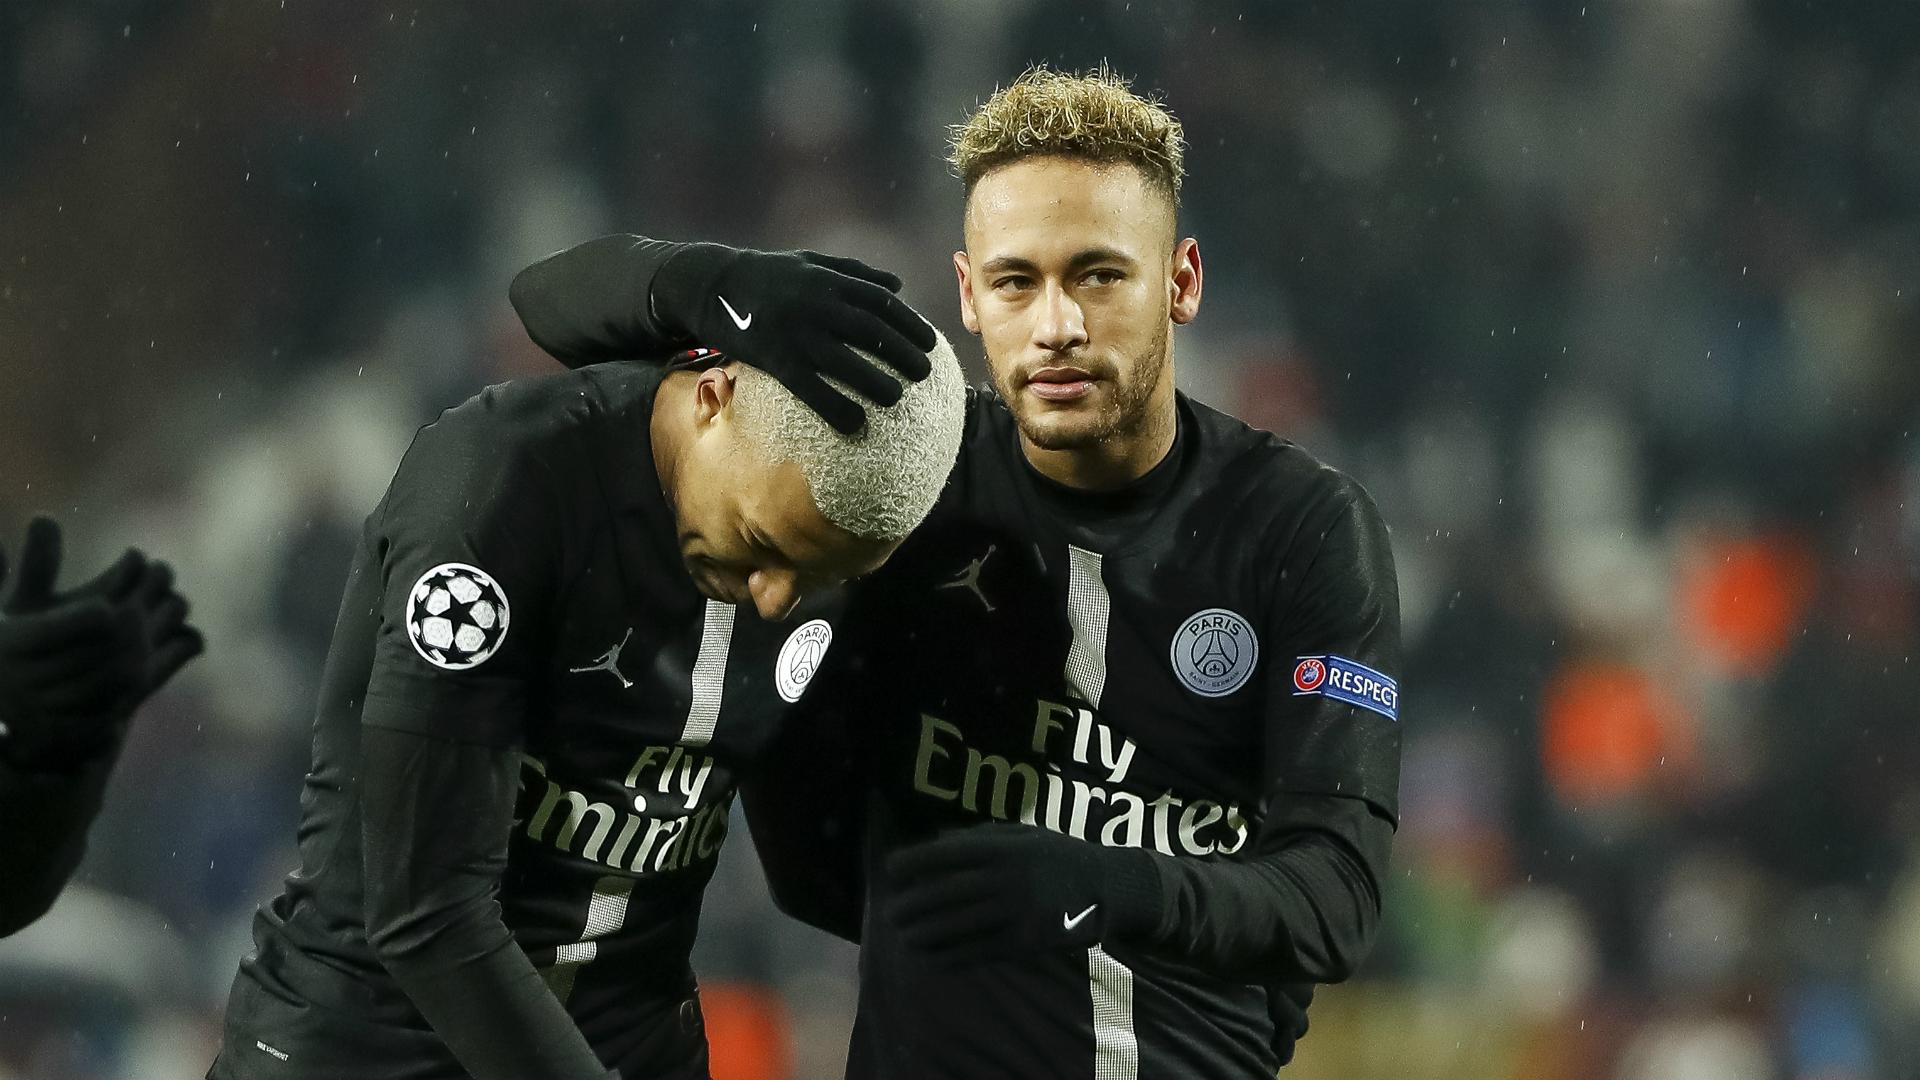 Neymar & Mbappe could leave PSG, hints Tuchel